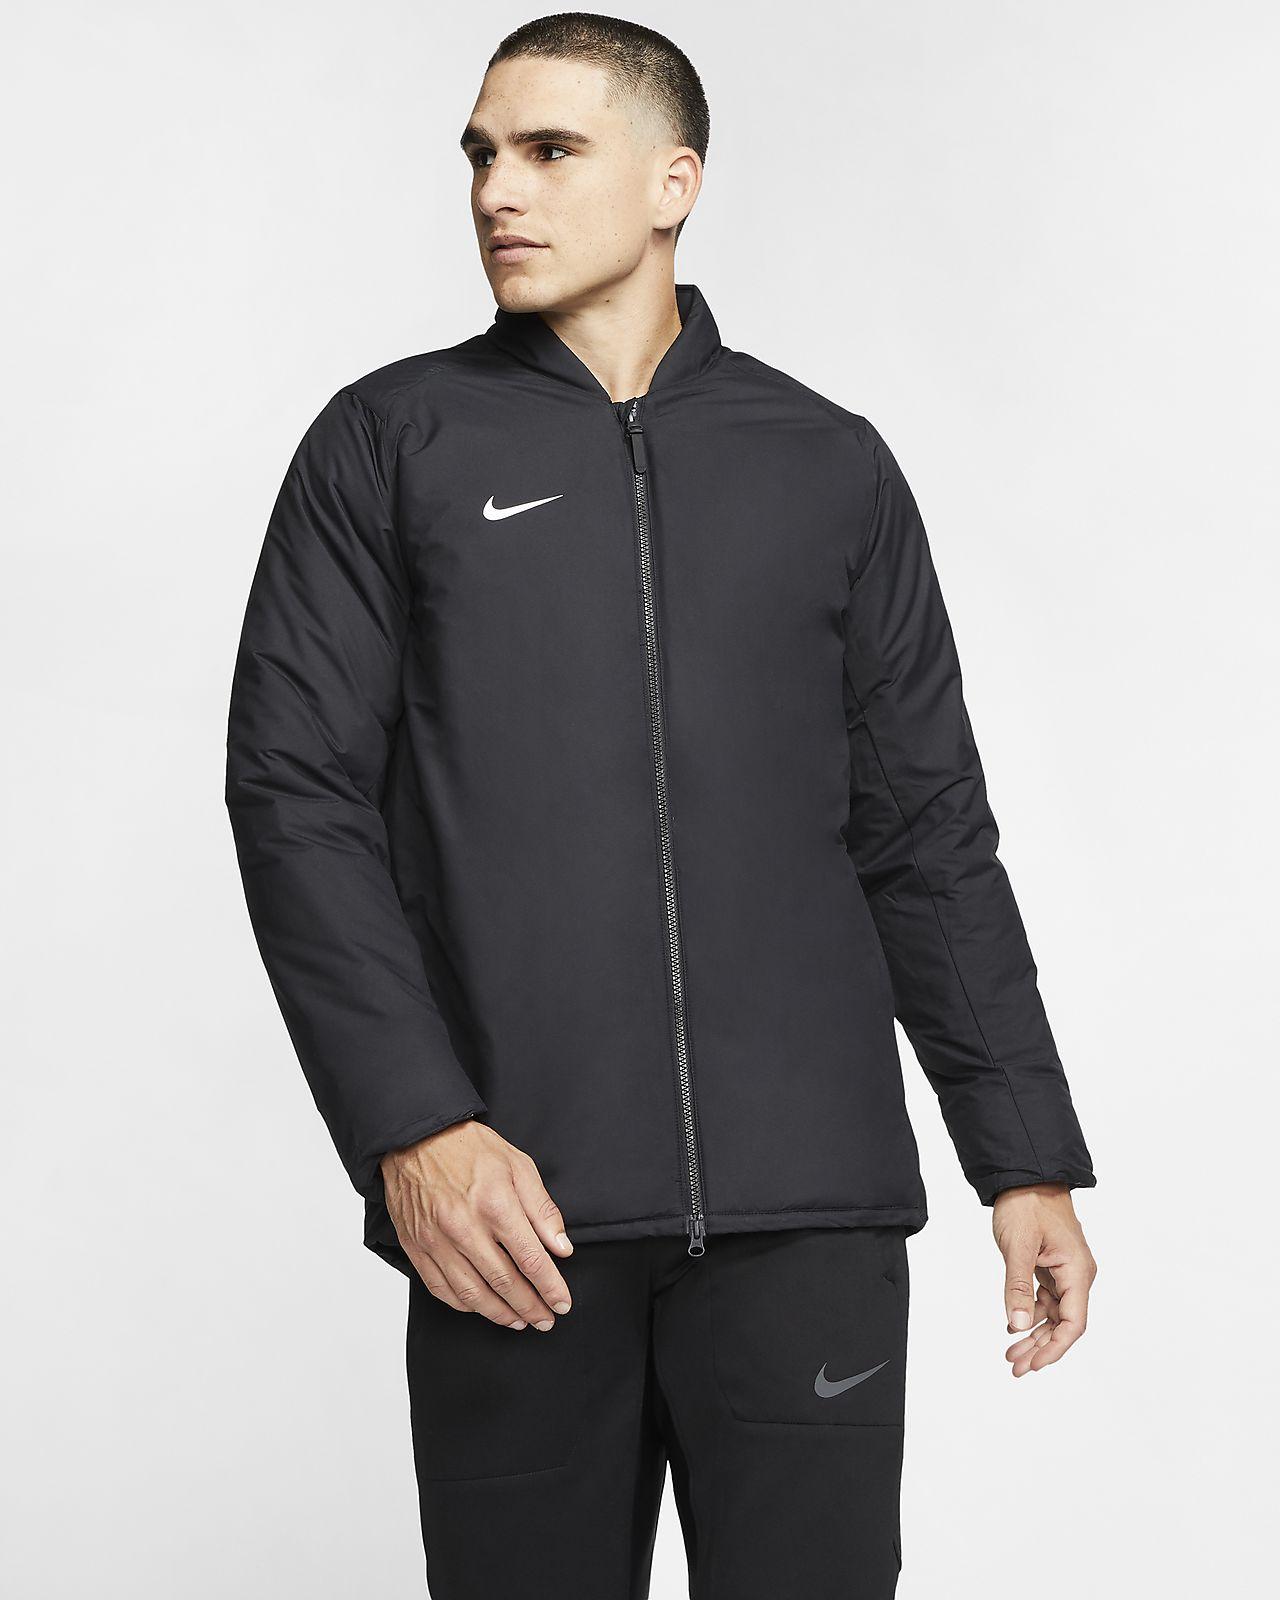 Nike Men's Baseball Bomber Jacket